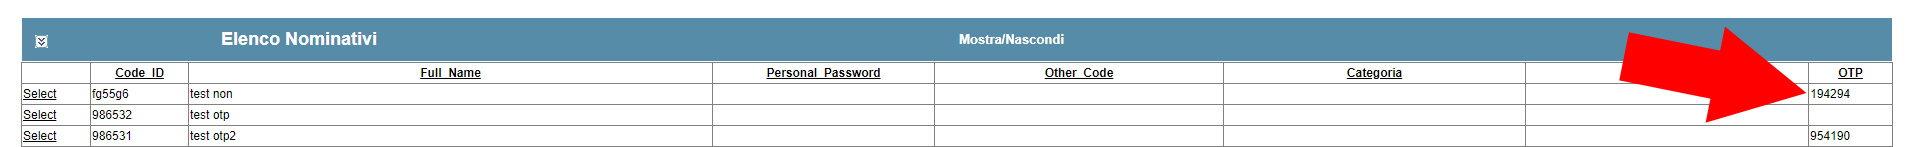 Come-bloccare-reinstallazione-Marcatempo-plus-campo-otp-tabella